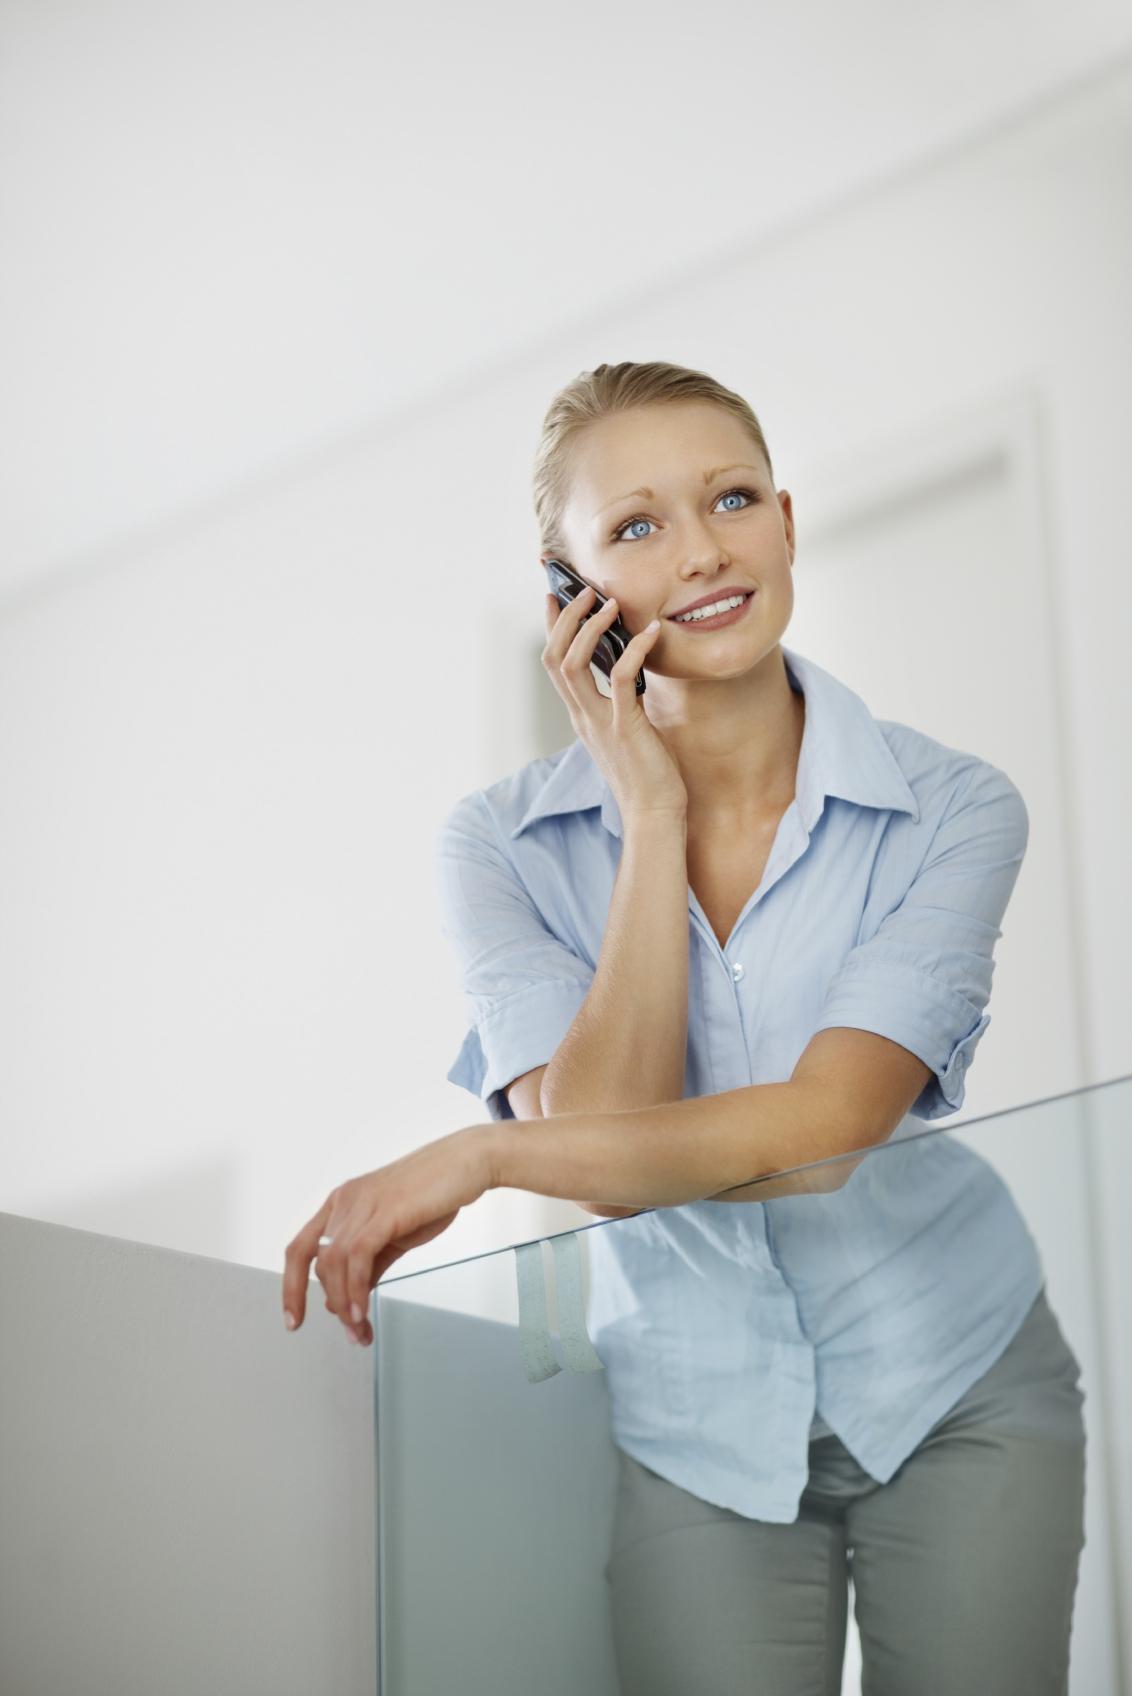 Utlandsexpansioner och Kontakter